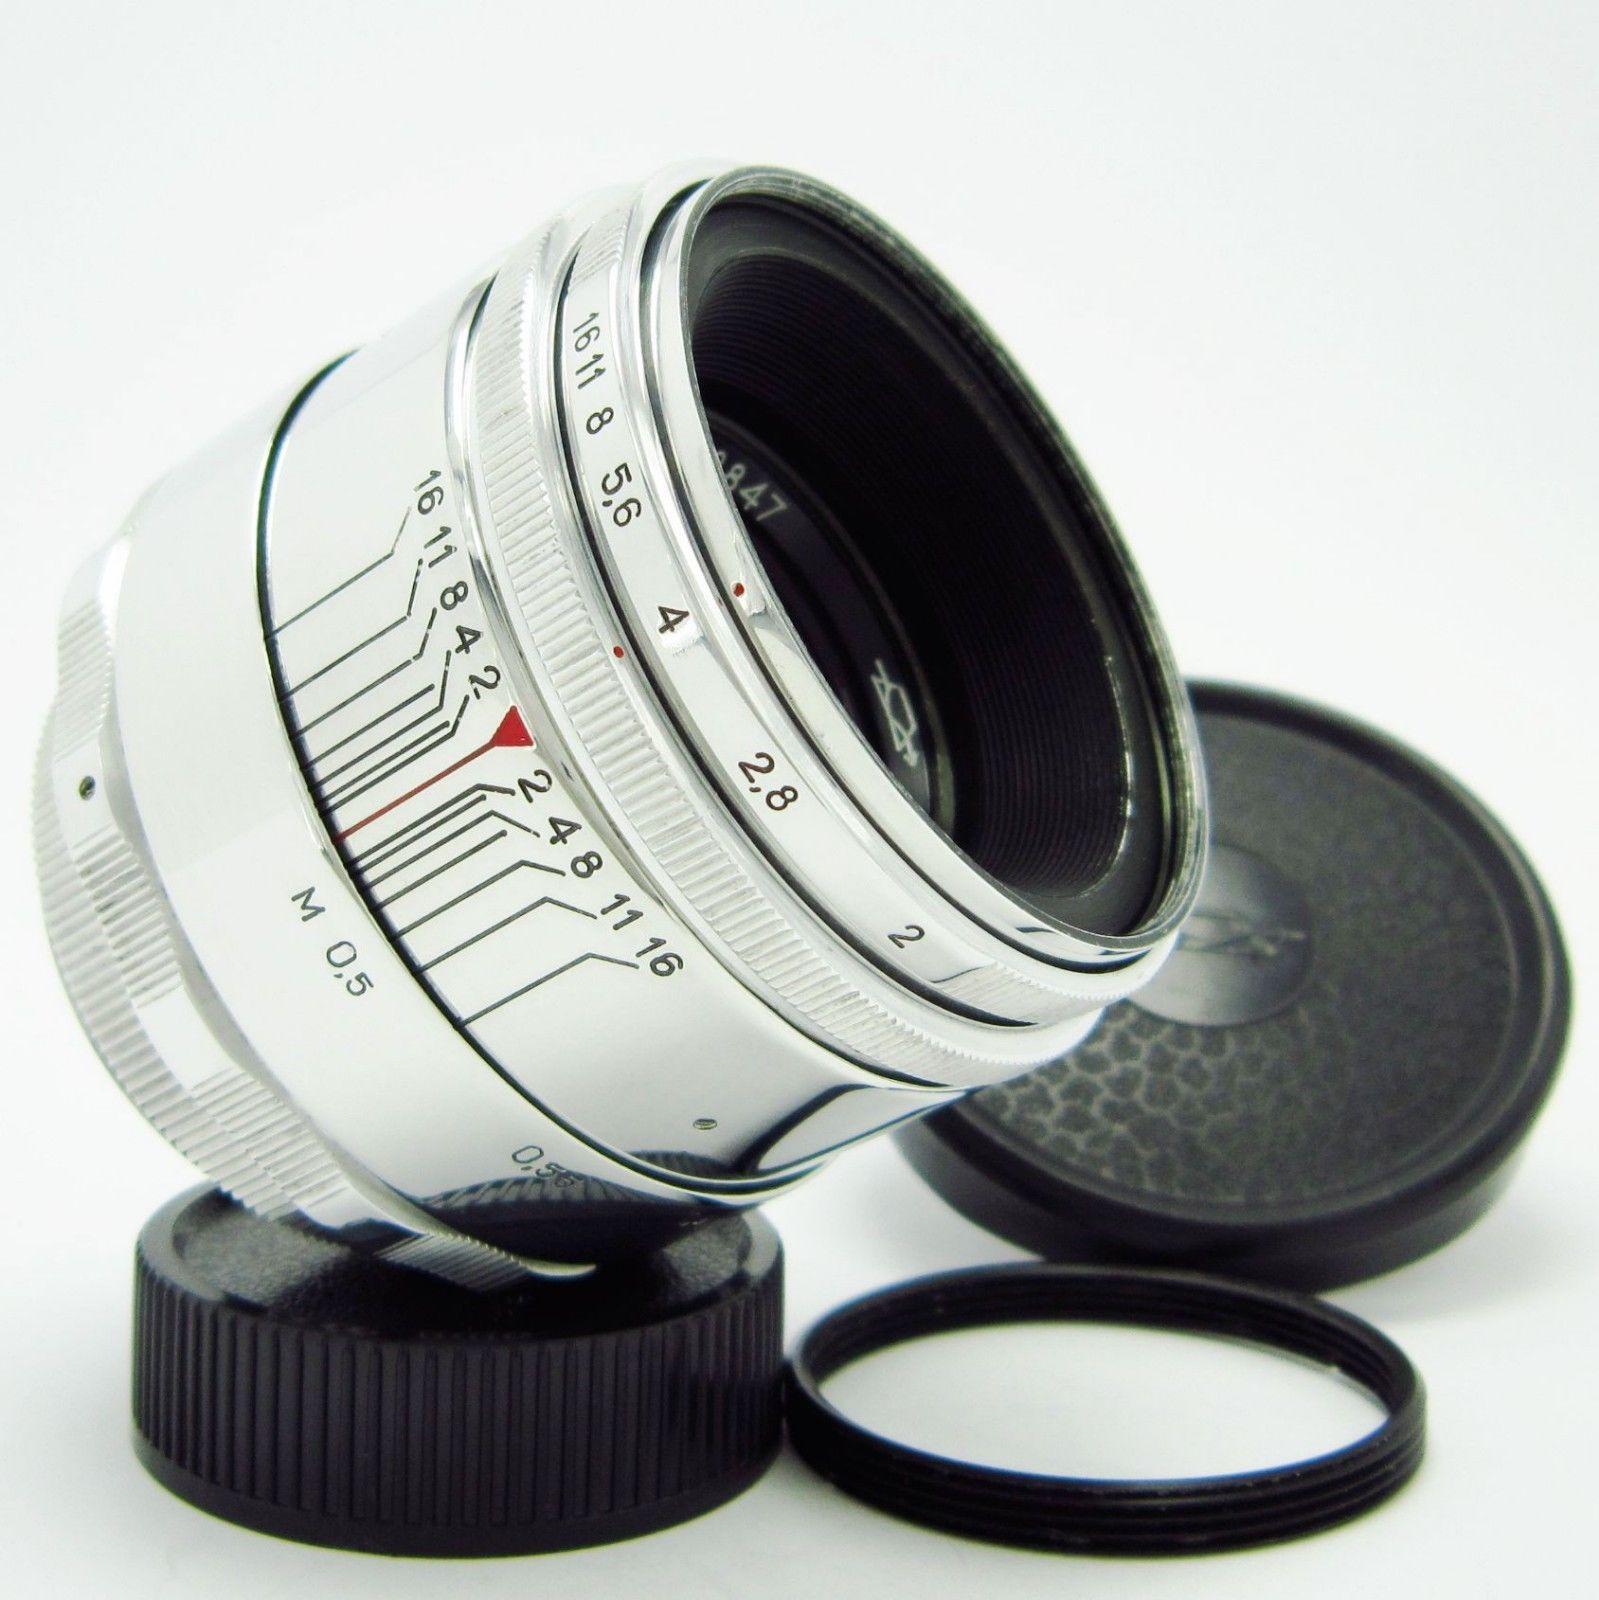 s-l1600-8.jpg